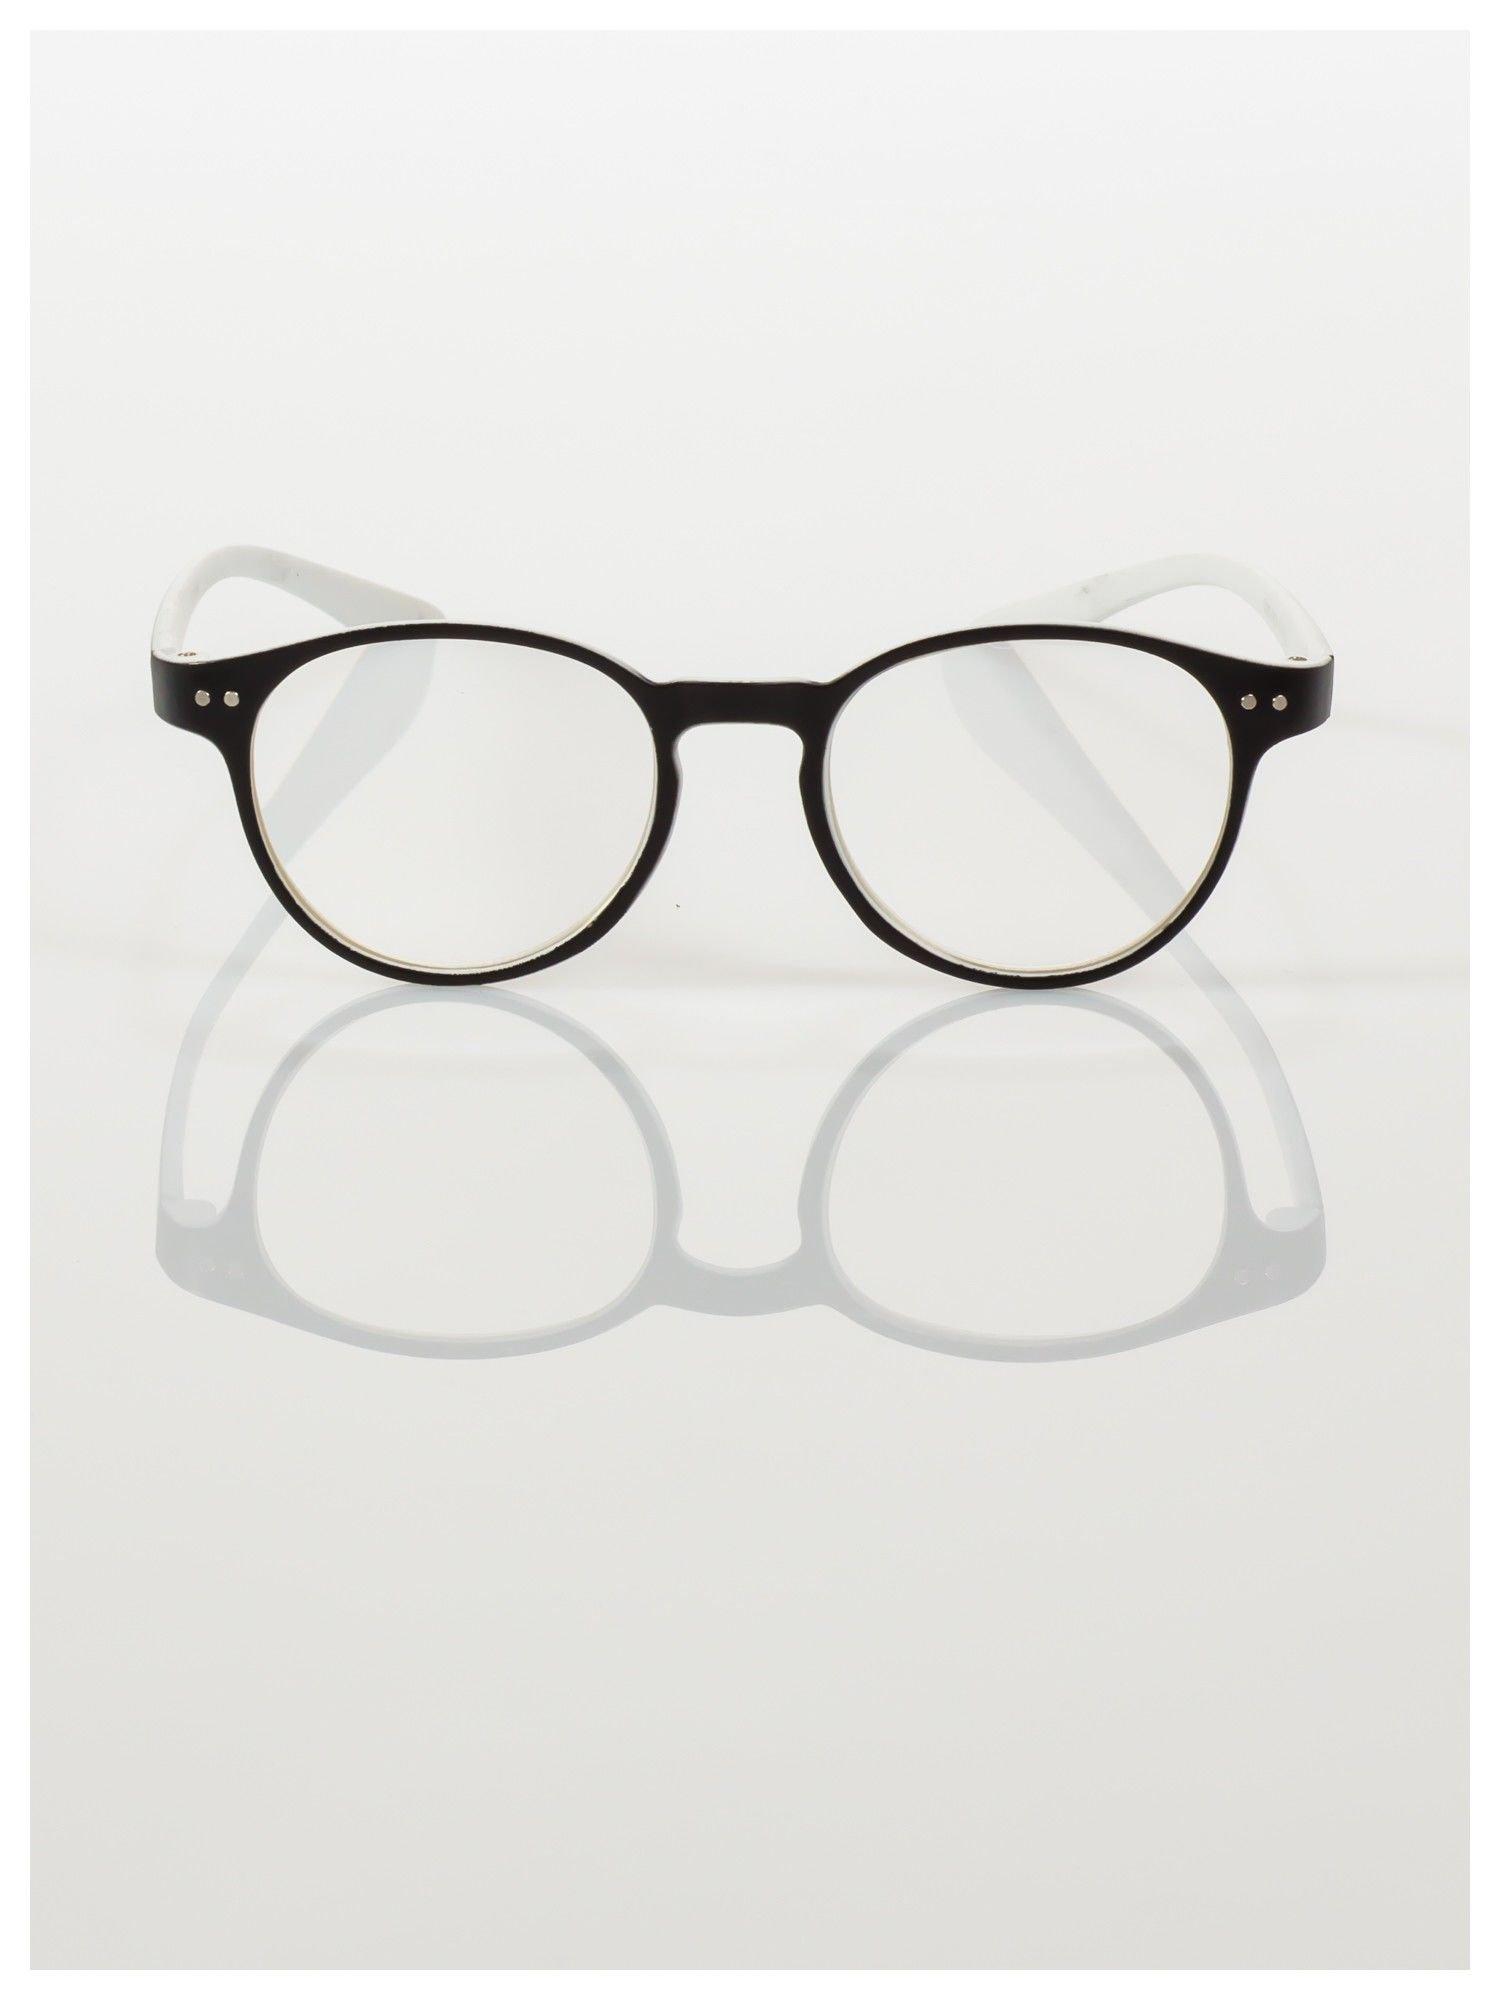 Okulary korekcyjne  +3.5 D dwukolorowe ,do czytania, stylizowane na RAY BAN +GRATIS PLASTIKOWE ETUI I ŚCIERECZKA Z MIKROFIBRY                                  zdj.                                  3